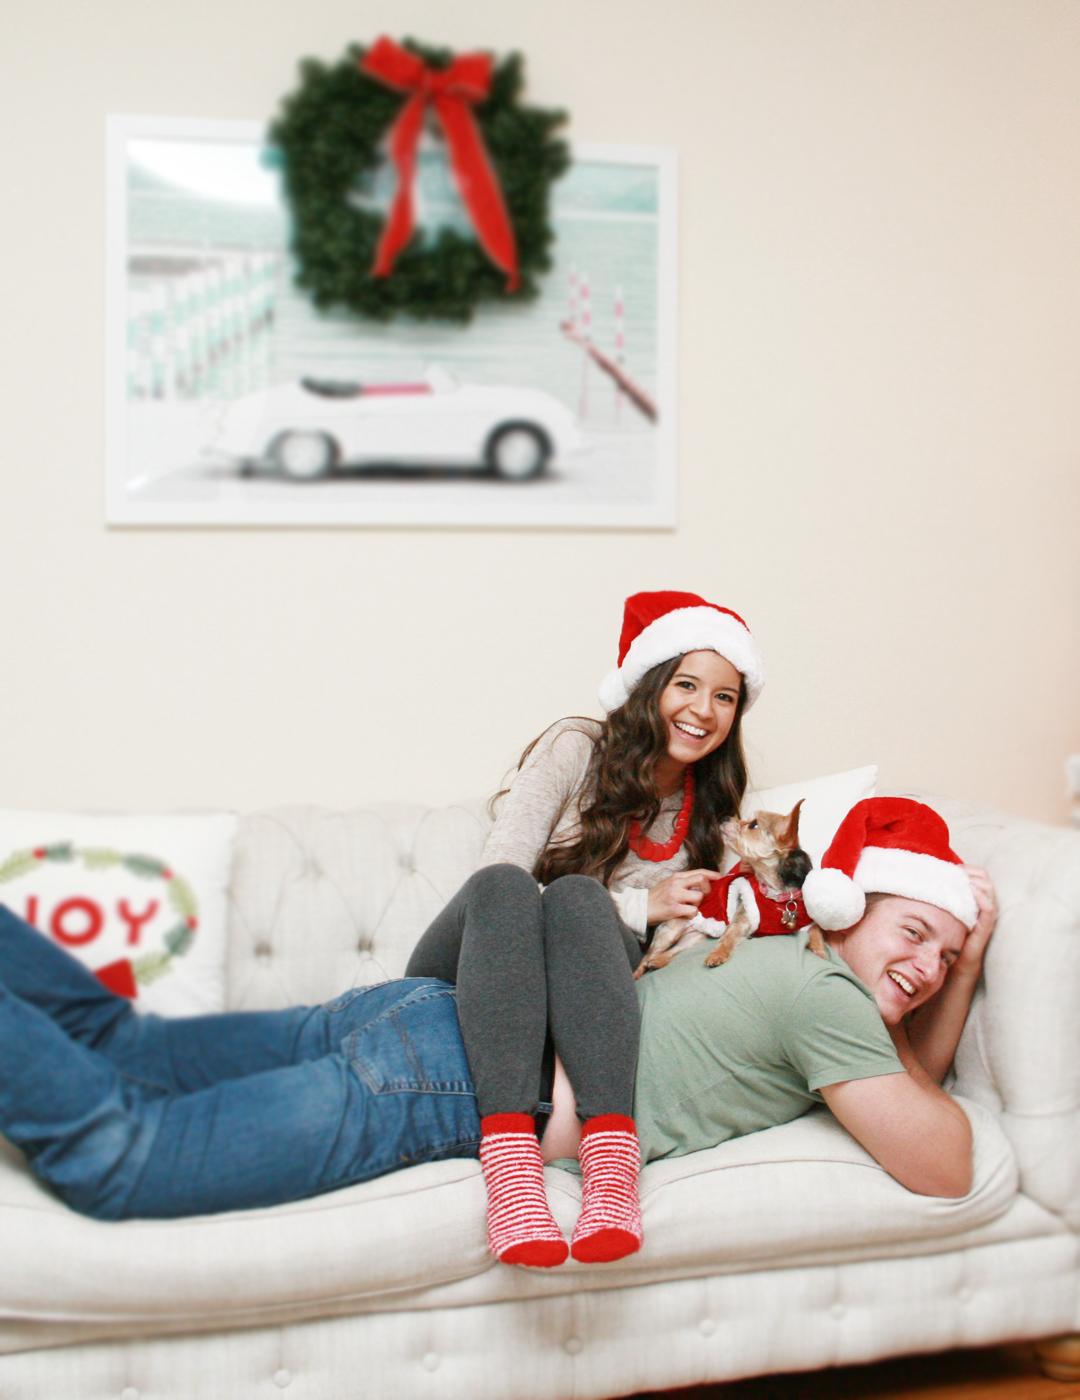 Our Annual Diy Christmas Card Photoshoot